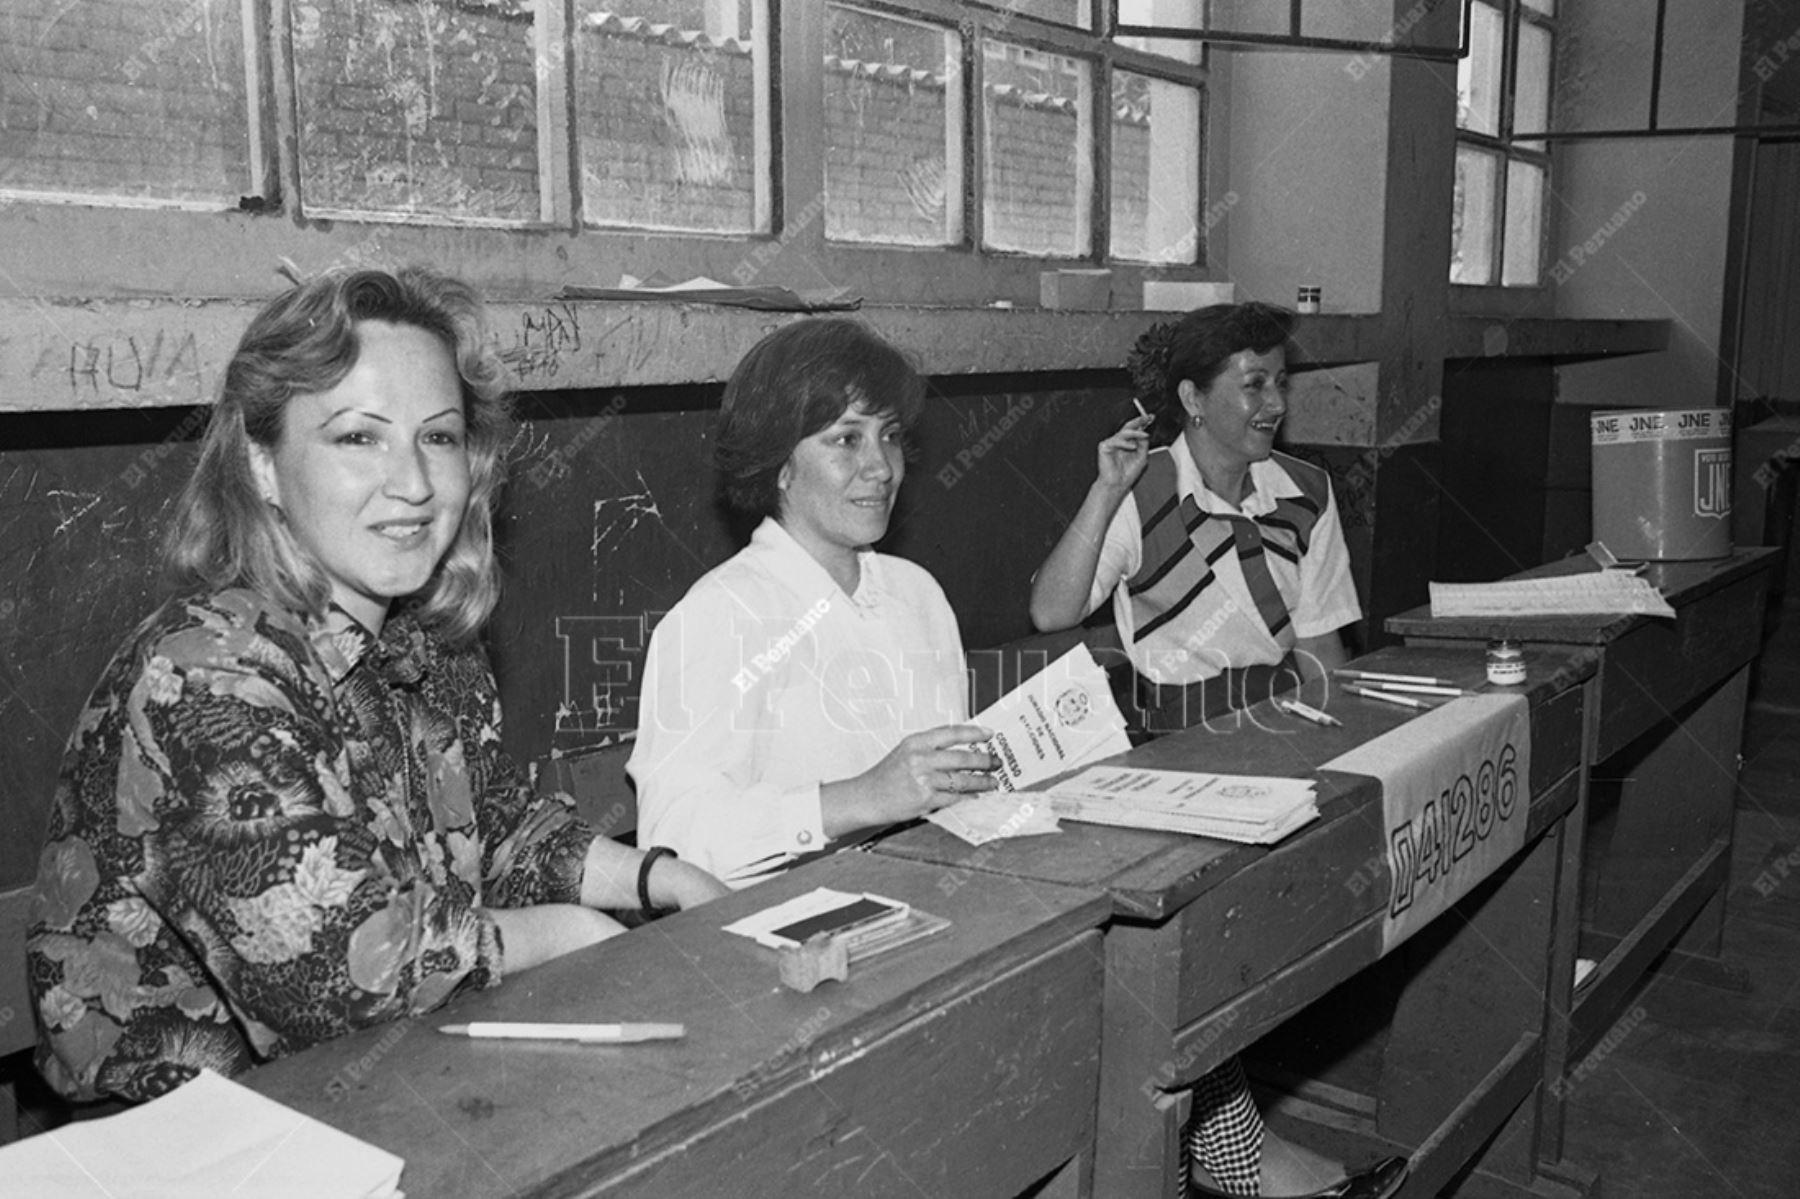 Lima - 22 noviembre 1992 / Una mesa de sufragio integrada por mujeres en elecciones para el Congreso Constituyente Democrático (CCD). Foto: Archivo Histórico de El Peruano